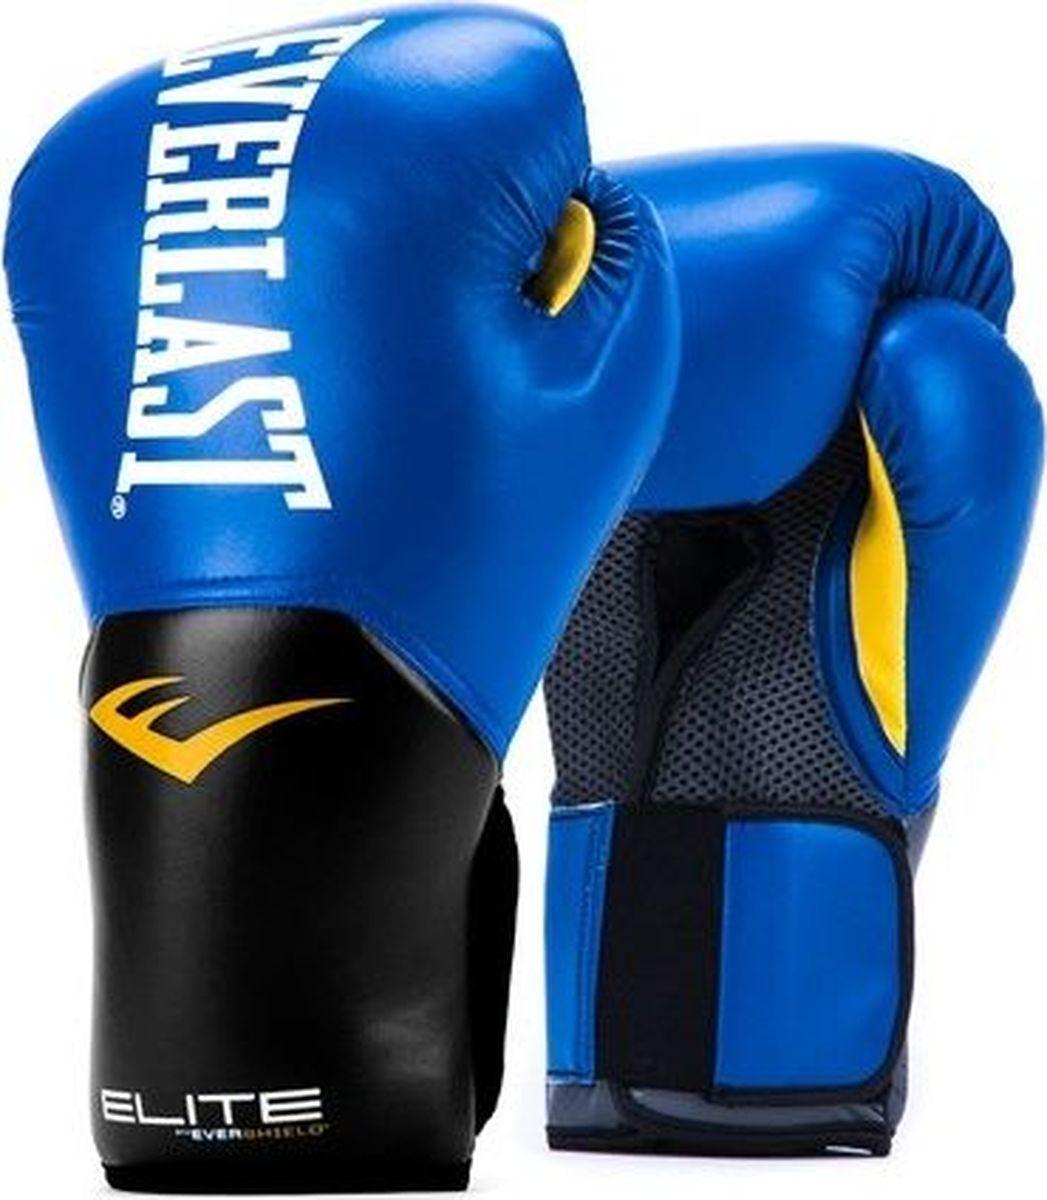 Боксерские перчатки Everlast Elite ProStyle, тренировочные, P00001205, синий, вес 14 унций